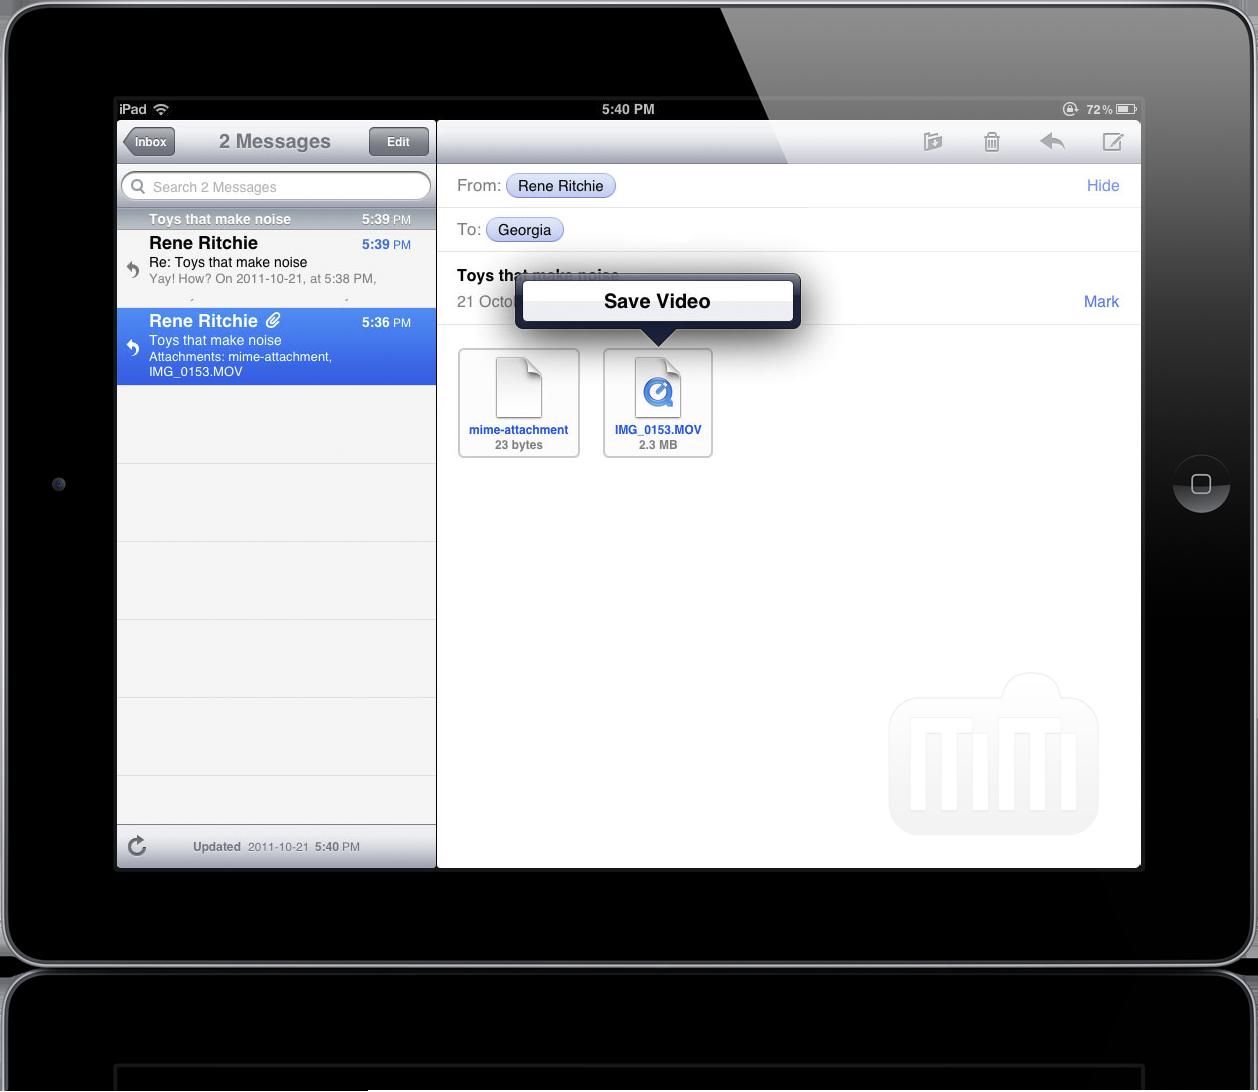 Salvando vídeos no iOS 5